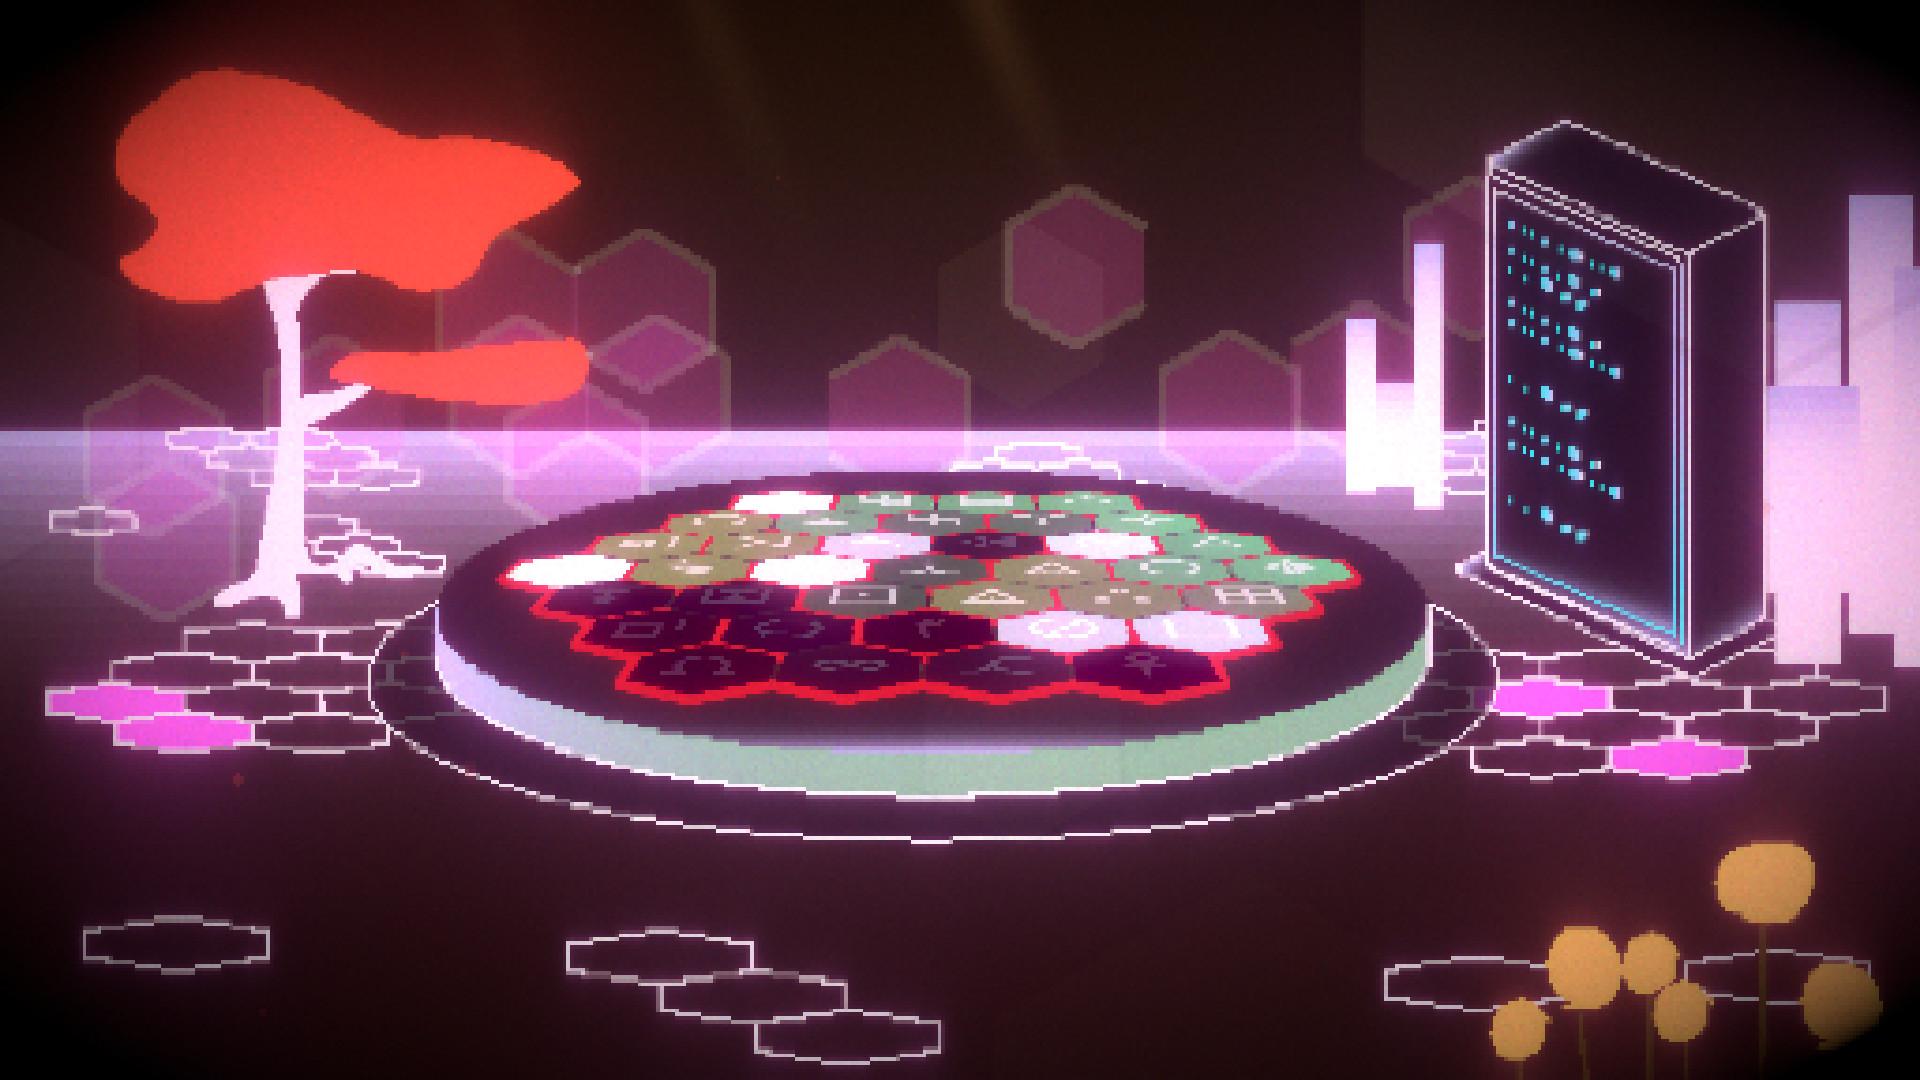 The Machine's Garden